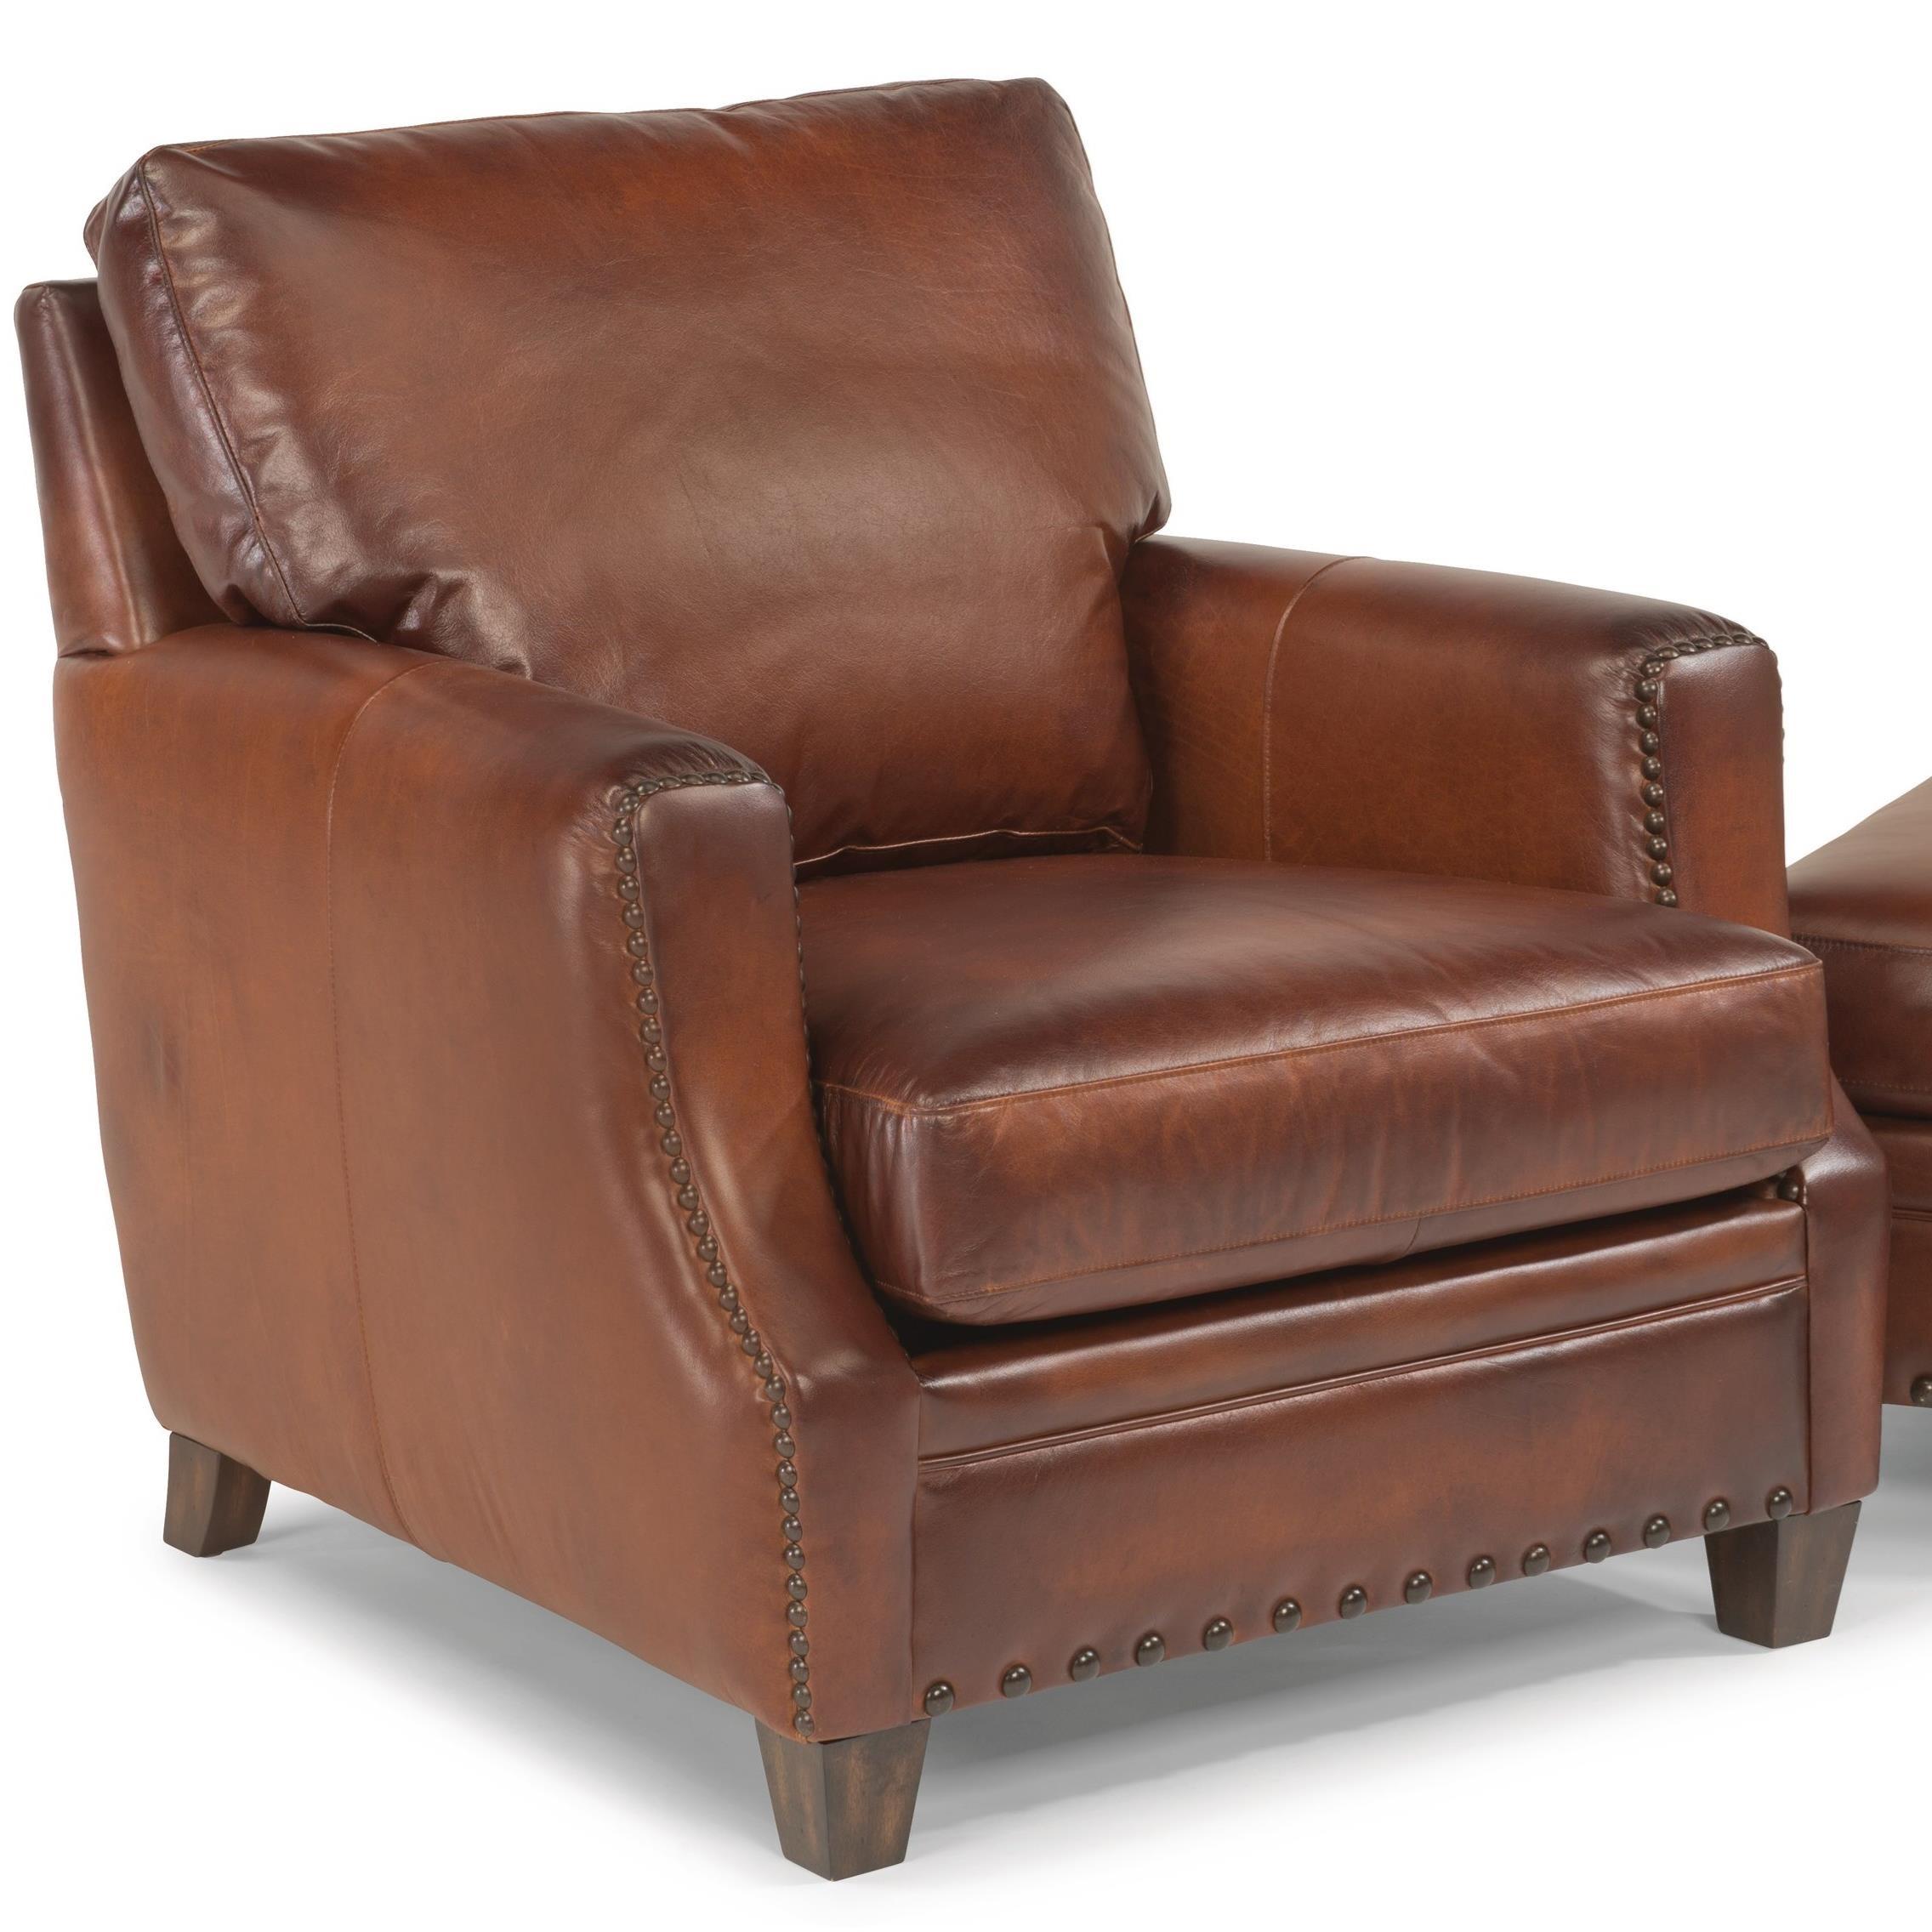 Superbe Hudsonu0027s Furniture